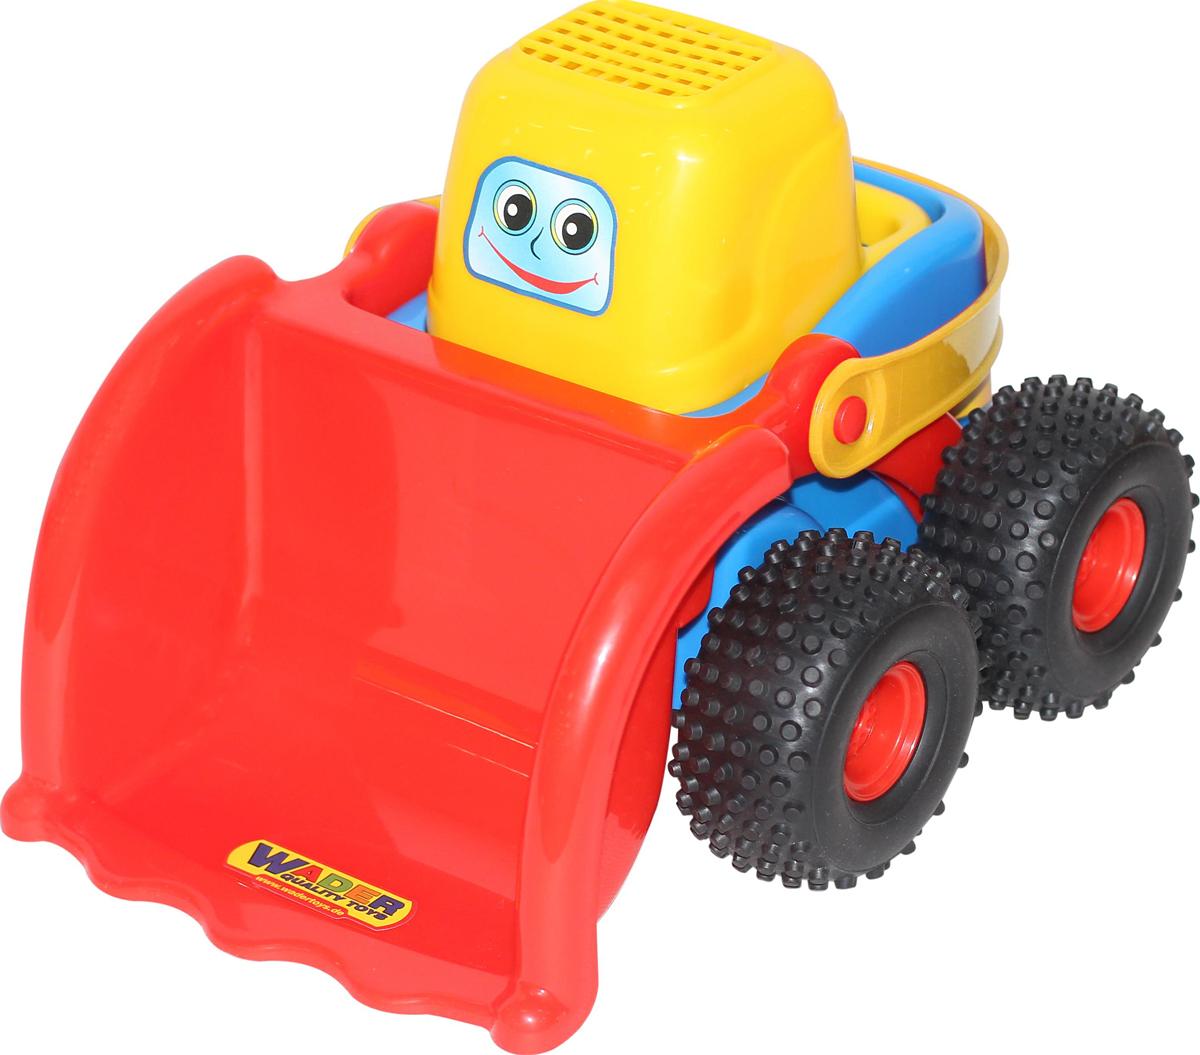 Полесье Трактор-погрузчик Чип-макси, цвет в ассортименте трактор полесье трактор погрузчик умелец оранжевый 159238